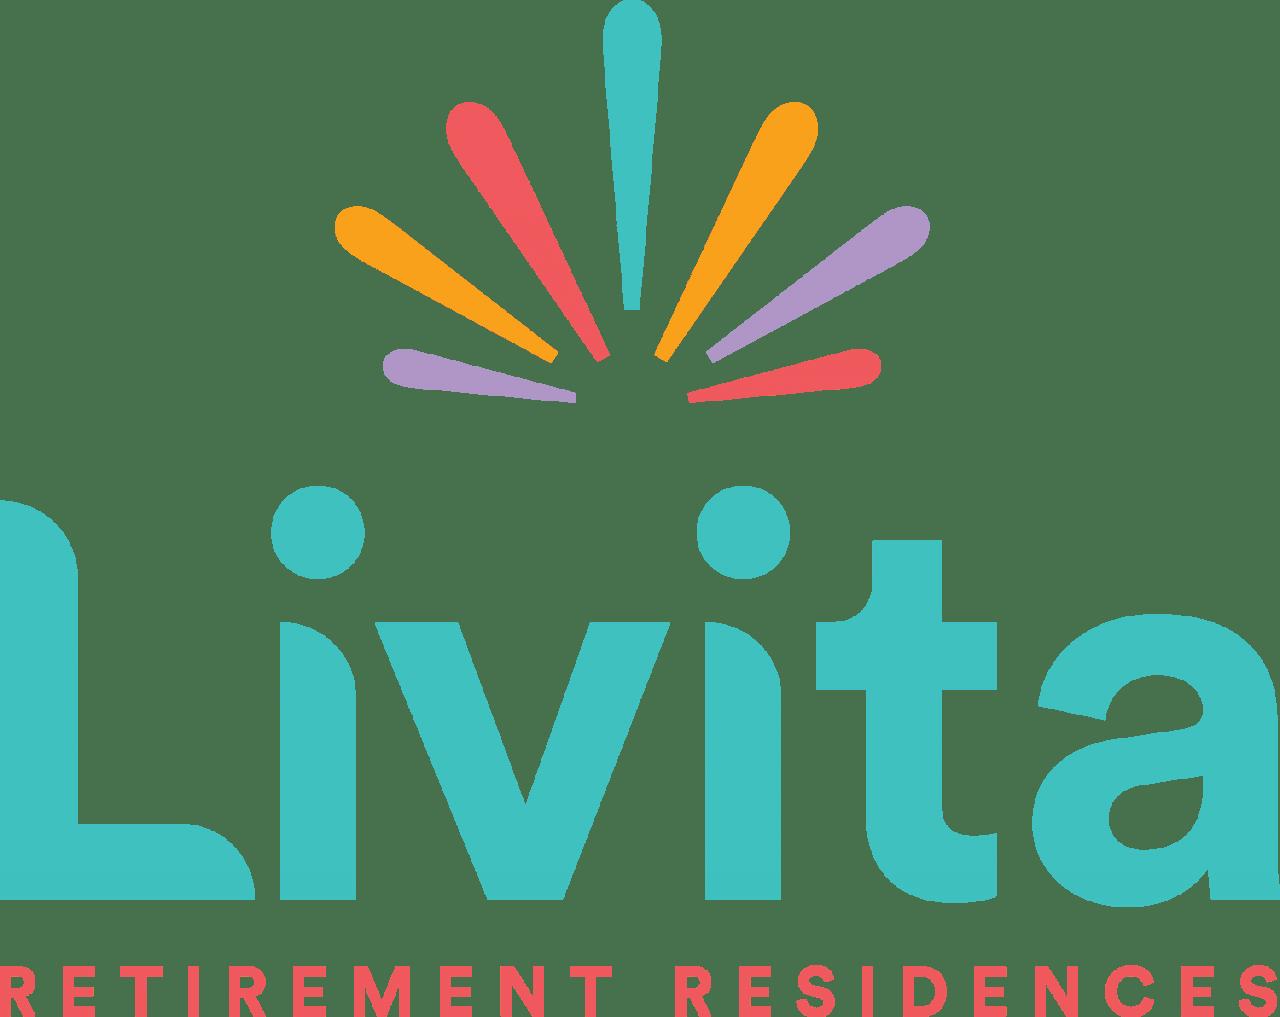 Livita